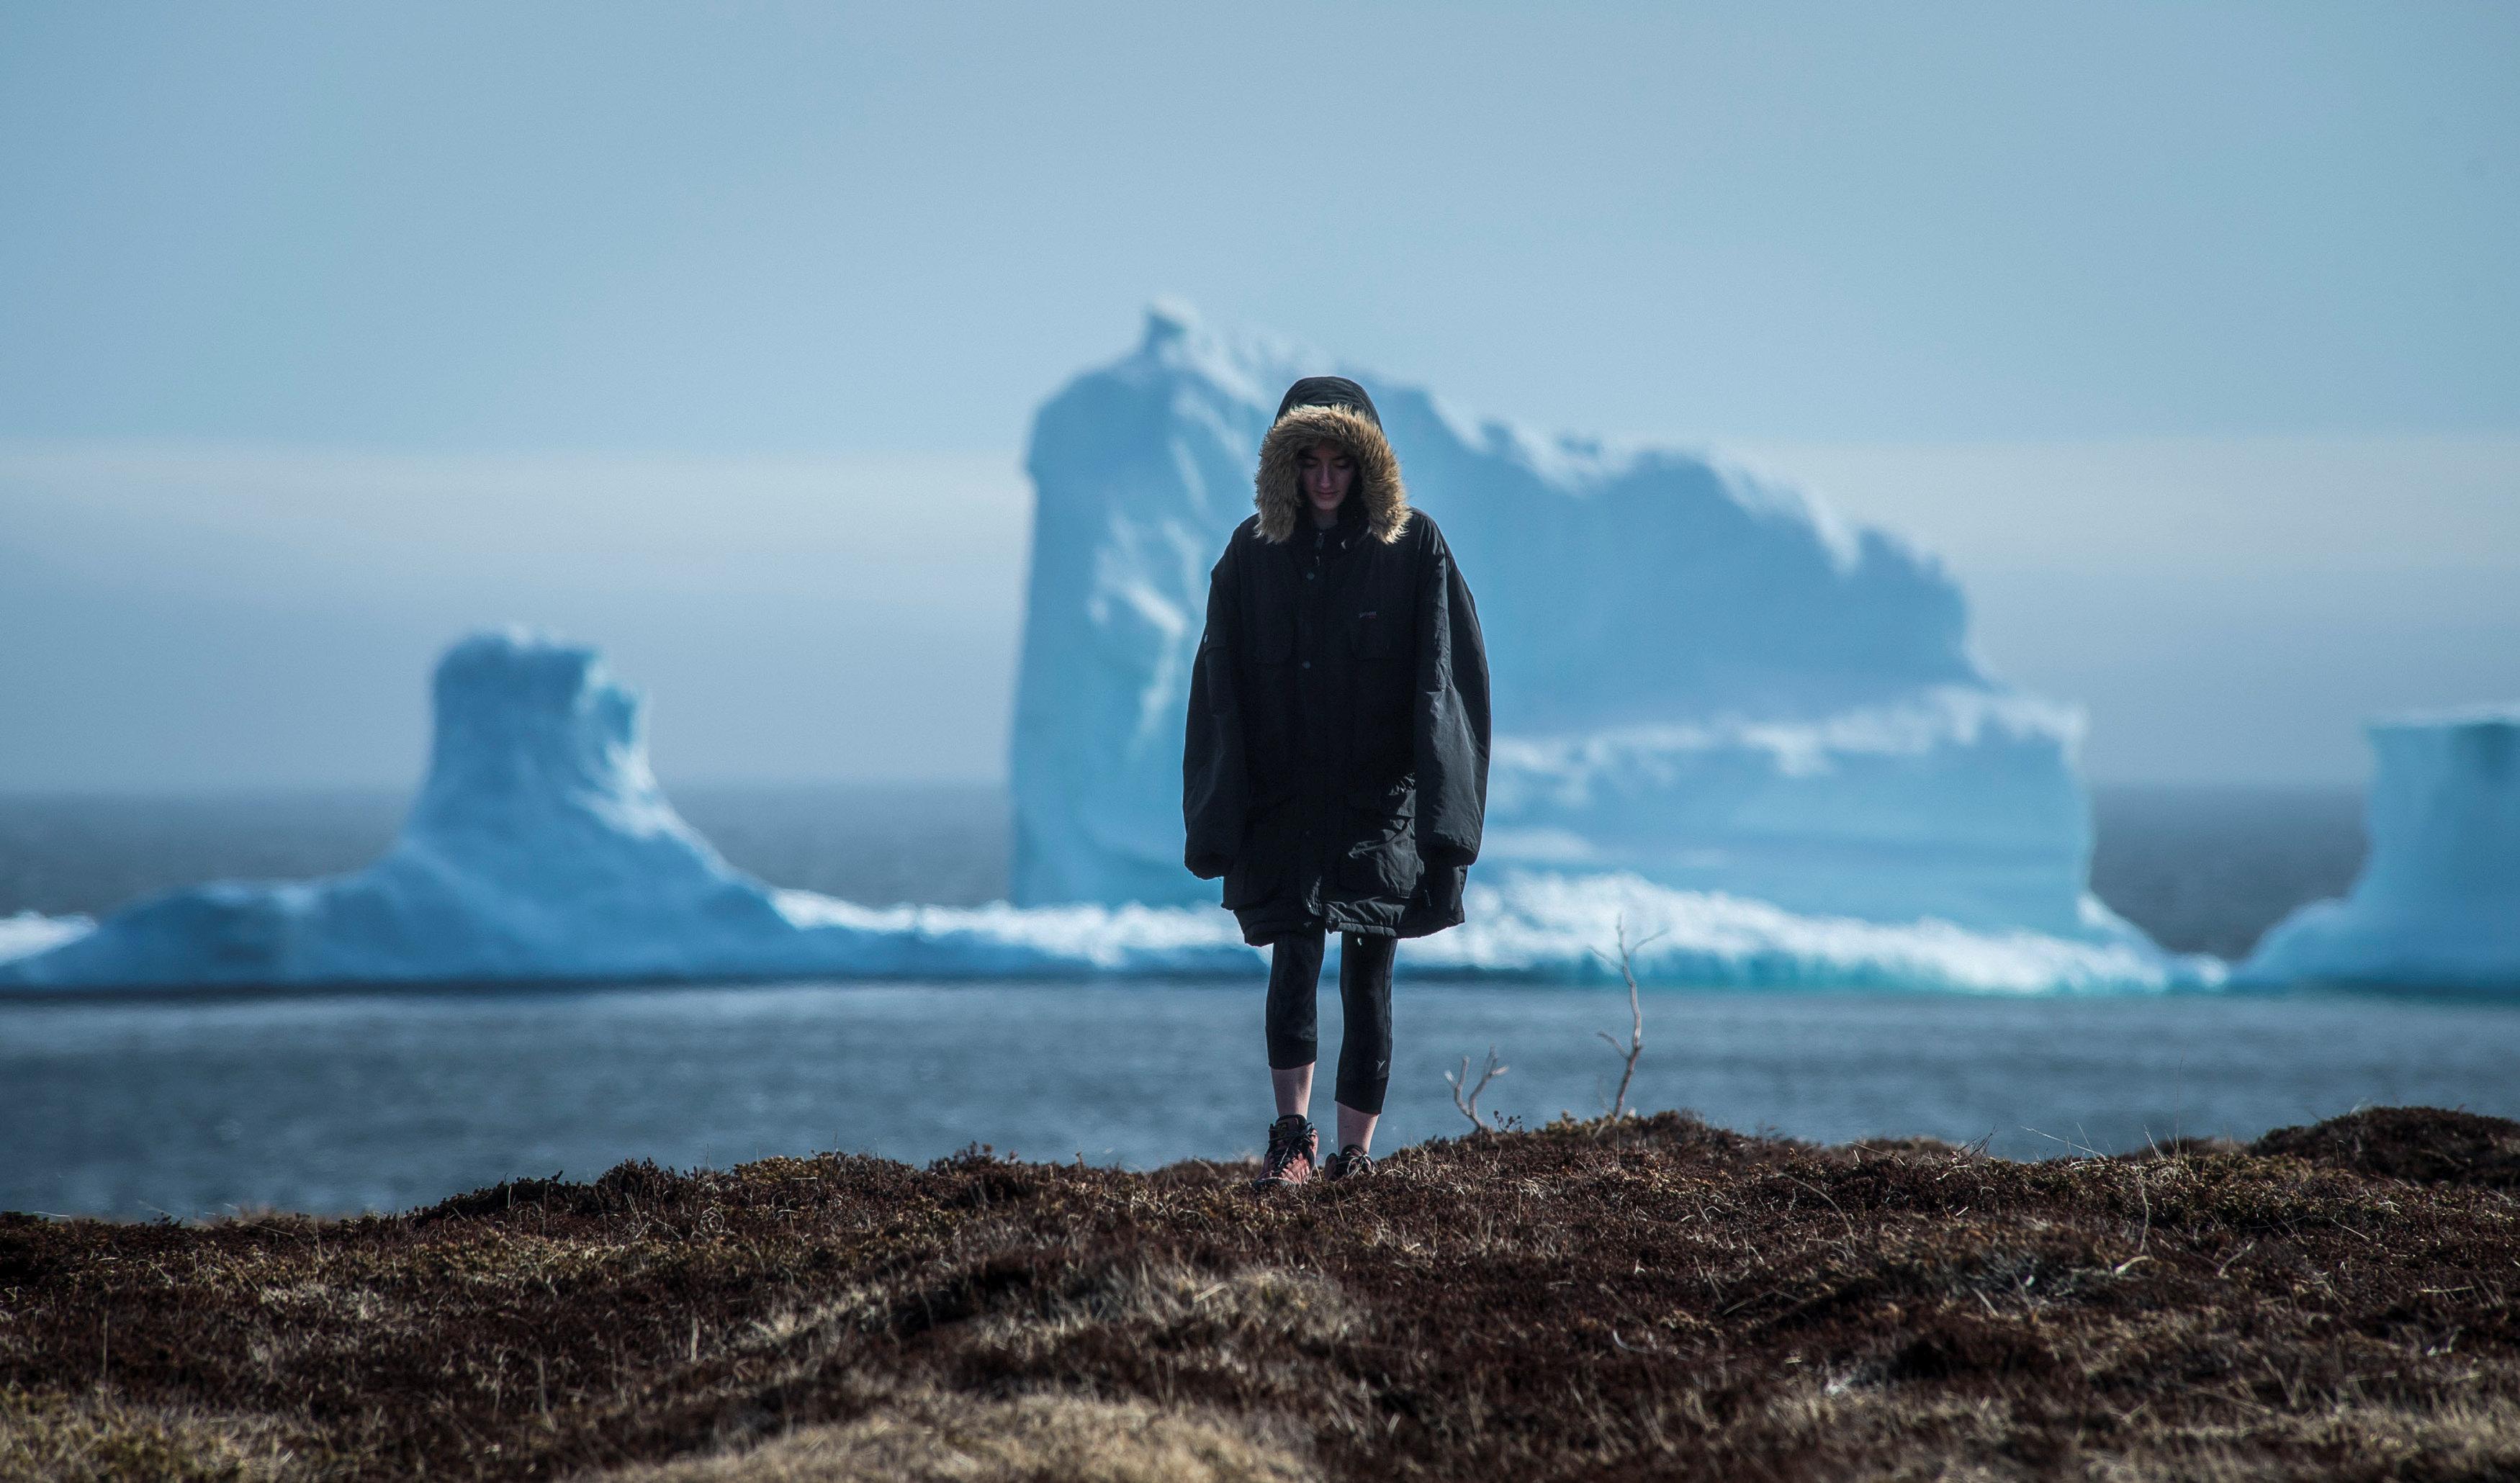 Los residentes ven el primer iceberg de la temporada mientras pasa la Costa Sur de Newfoundland